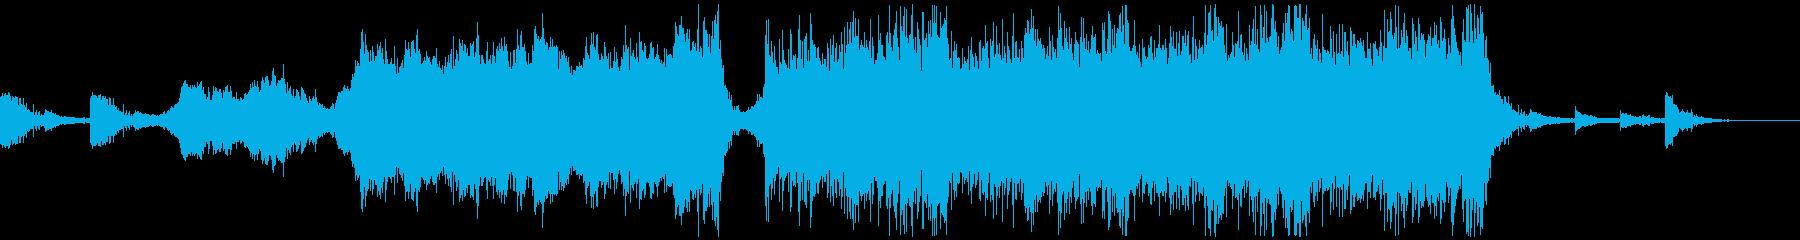 【予告編】映画・トレーラー・エピックの再生済みの波形